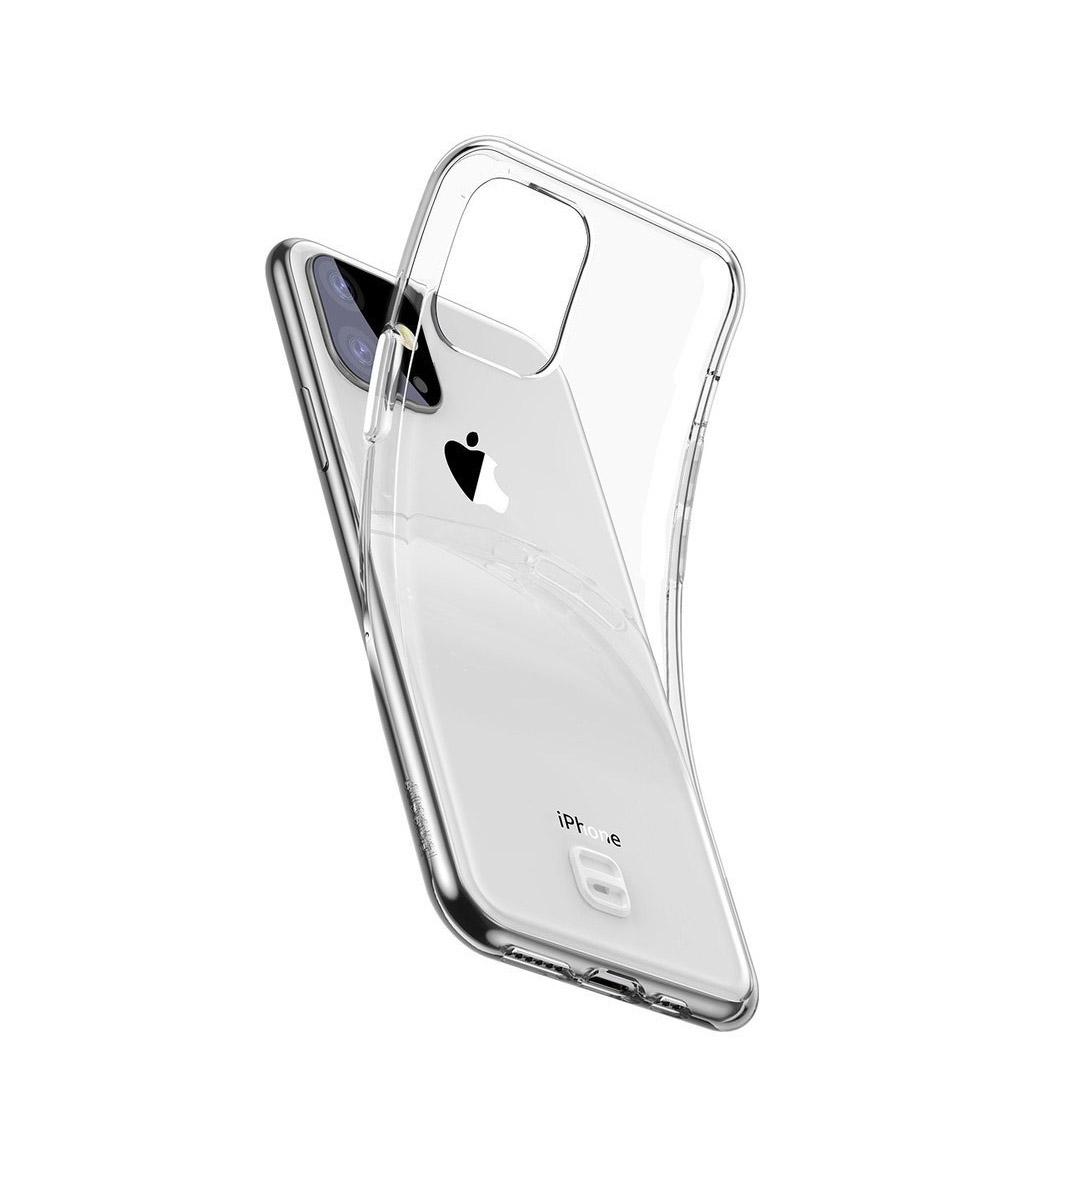 کاور باسئوس مدل WIAPIPH65S-QA02 مناسب برای گوشی موبایل اپل iPhone 11 Pro Max